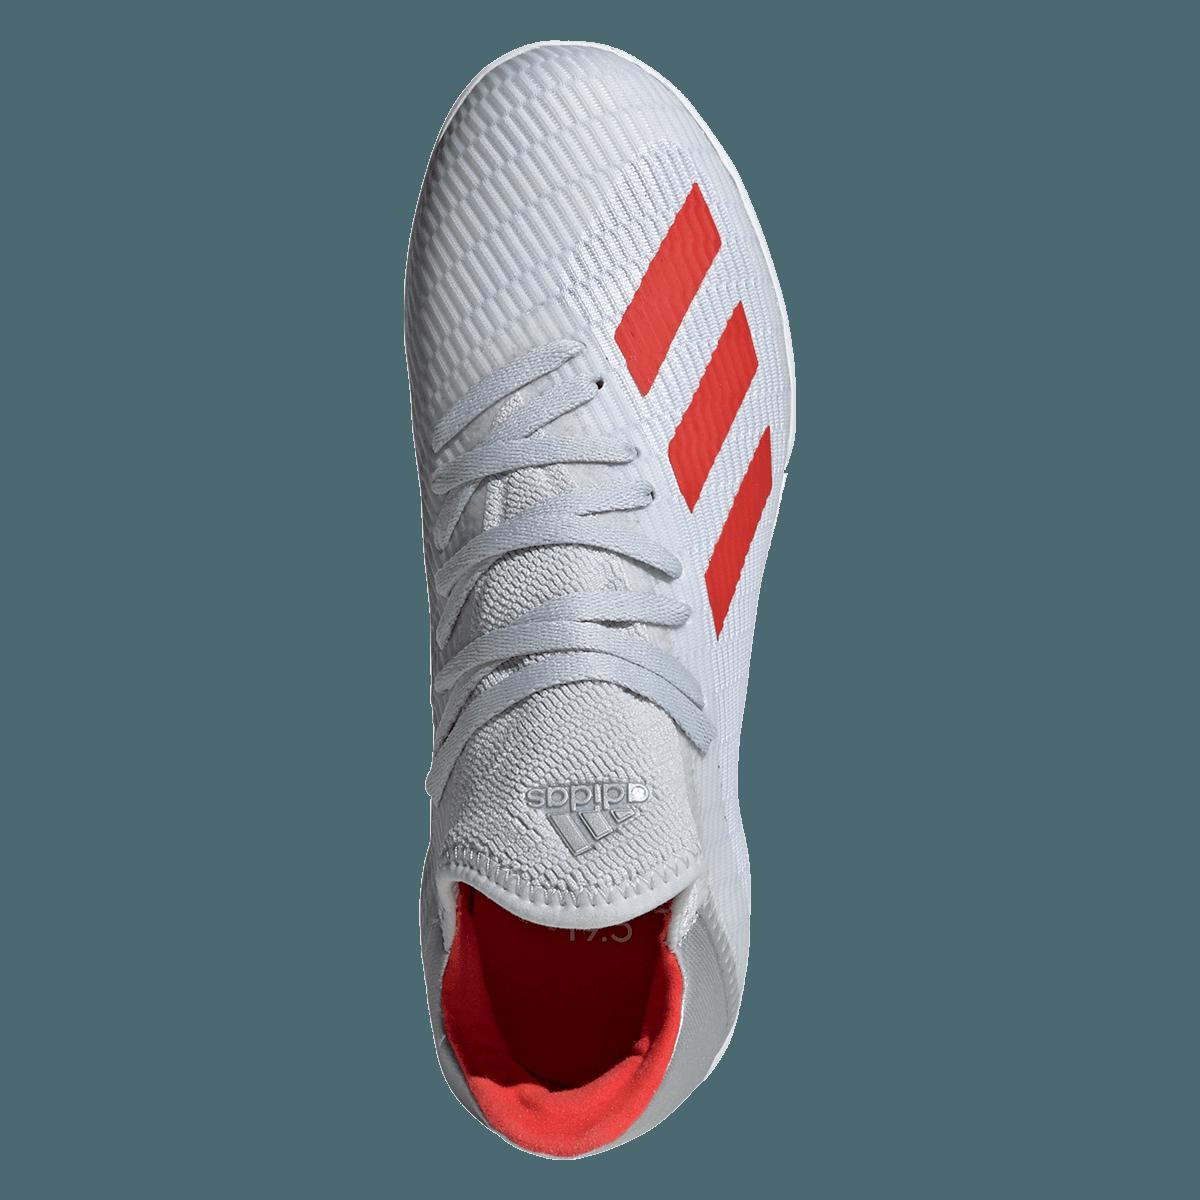 8f0450b1666 Adidas kindeenr indoor schoenen X 19.3 IN J zilver/rood - Voetbal shop